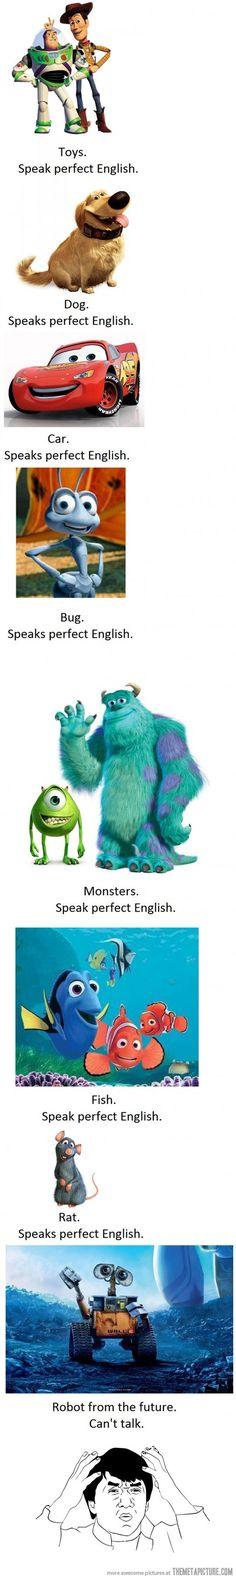 Pixar's logic - The Meta Picture